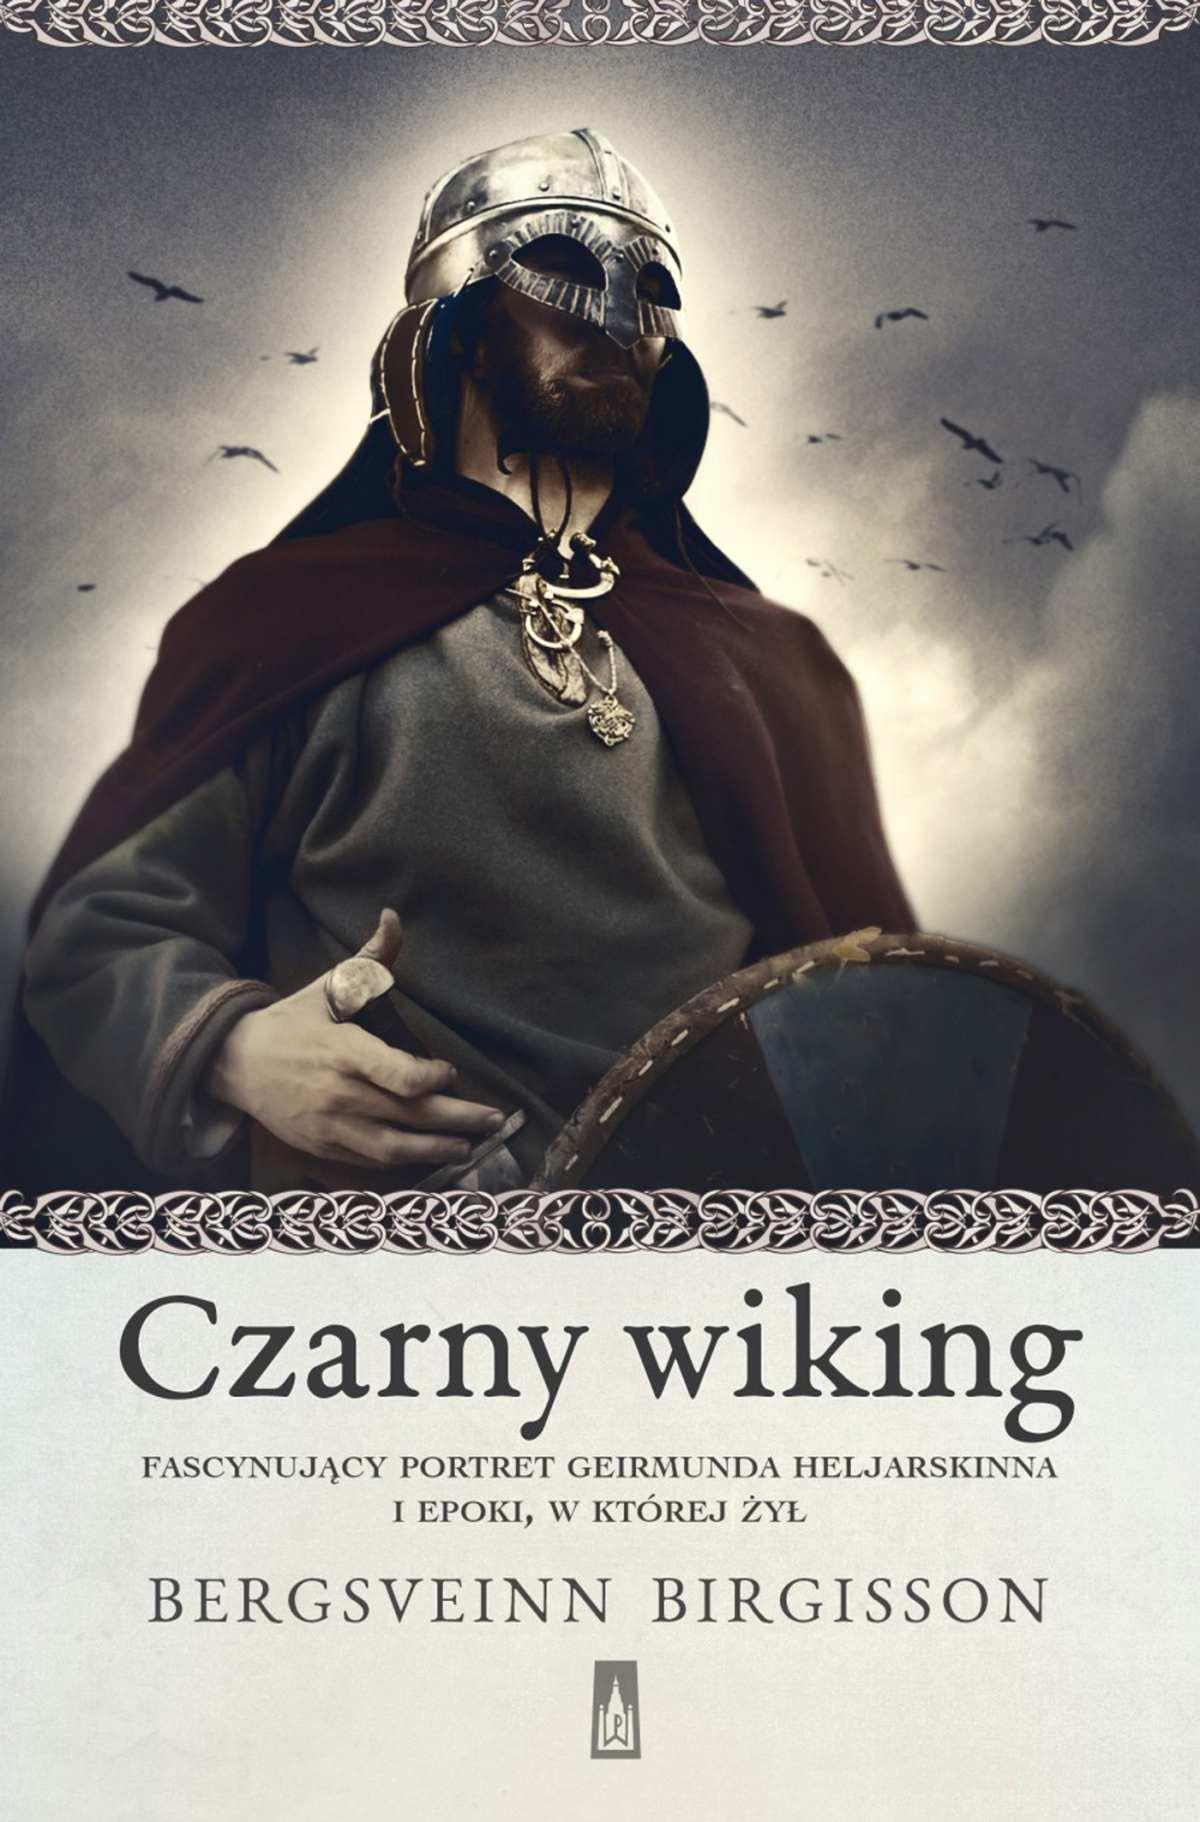 Czarny wiking - Ebook (Książka EPUB) do pobrania w formacie EPUB